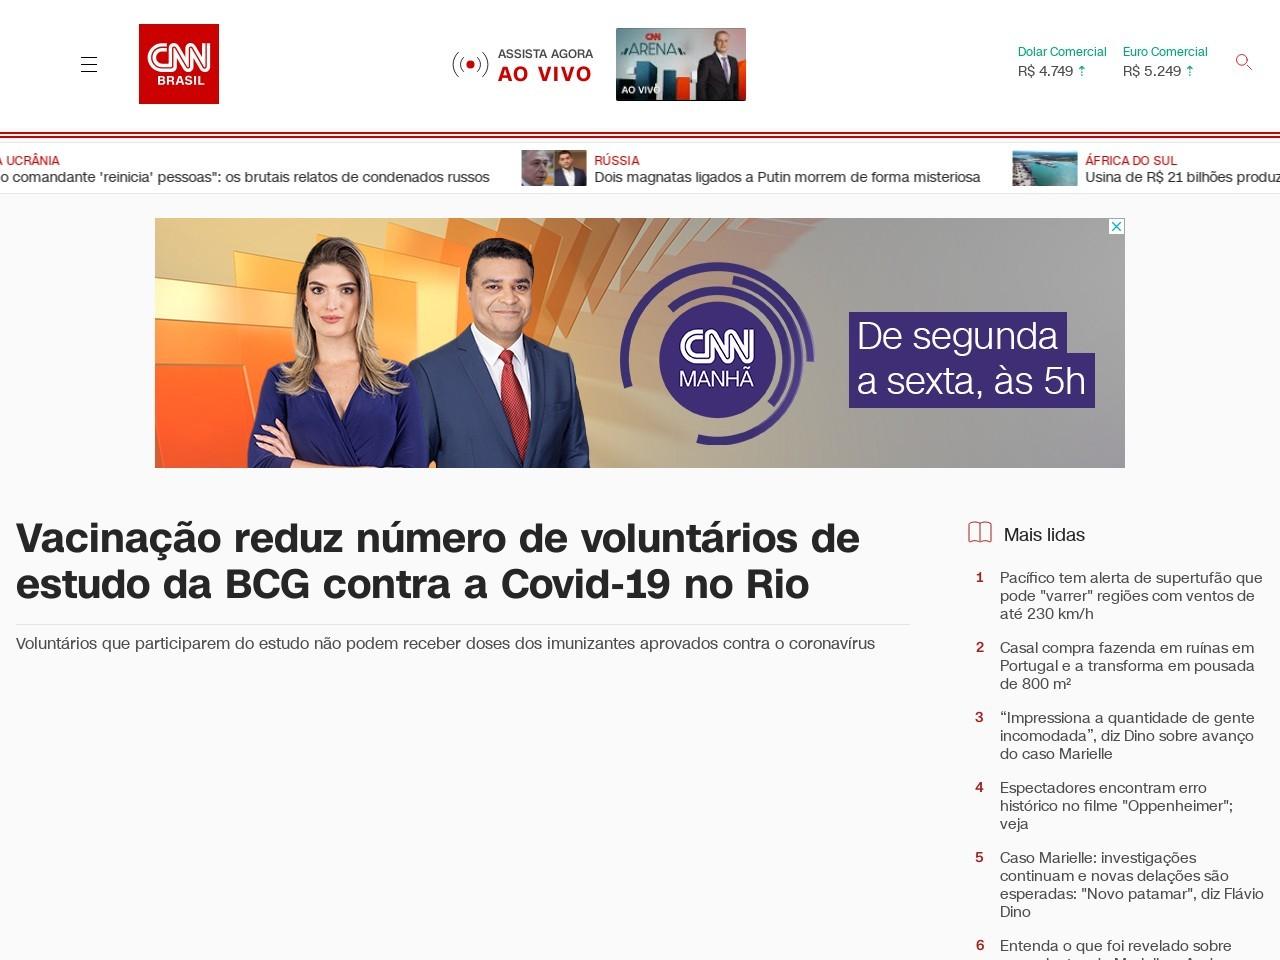 Vacinação reduz número de voluntários de estudo da BCG contra a Covid-19 no Rio